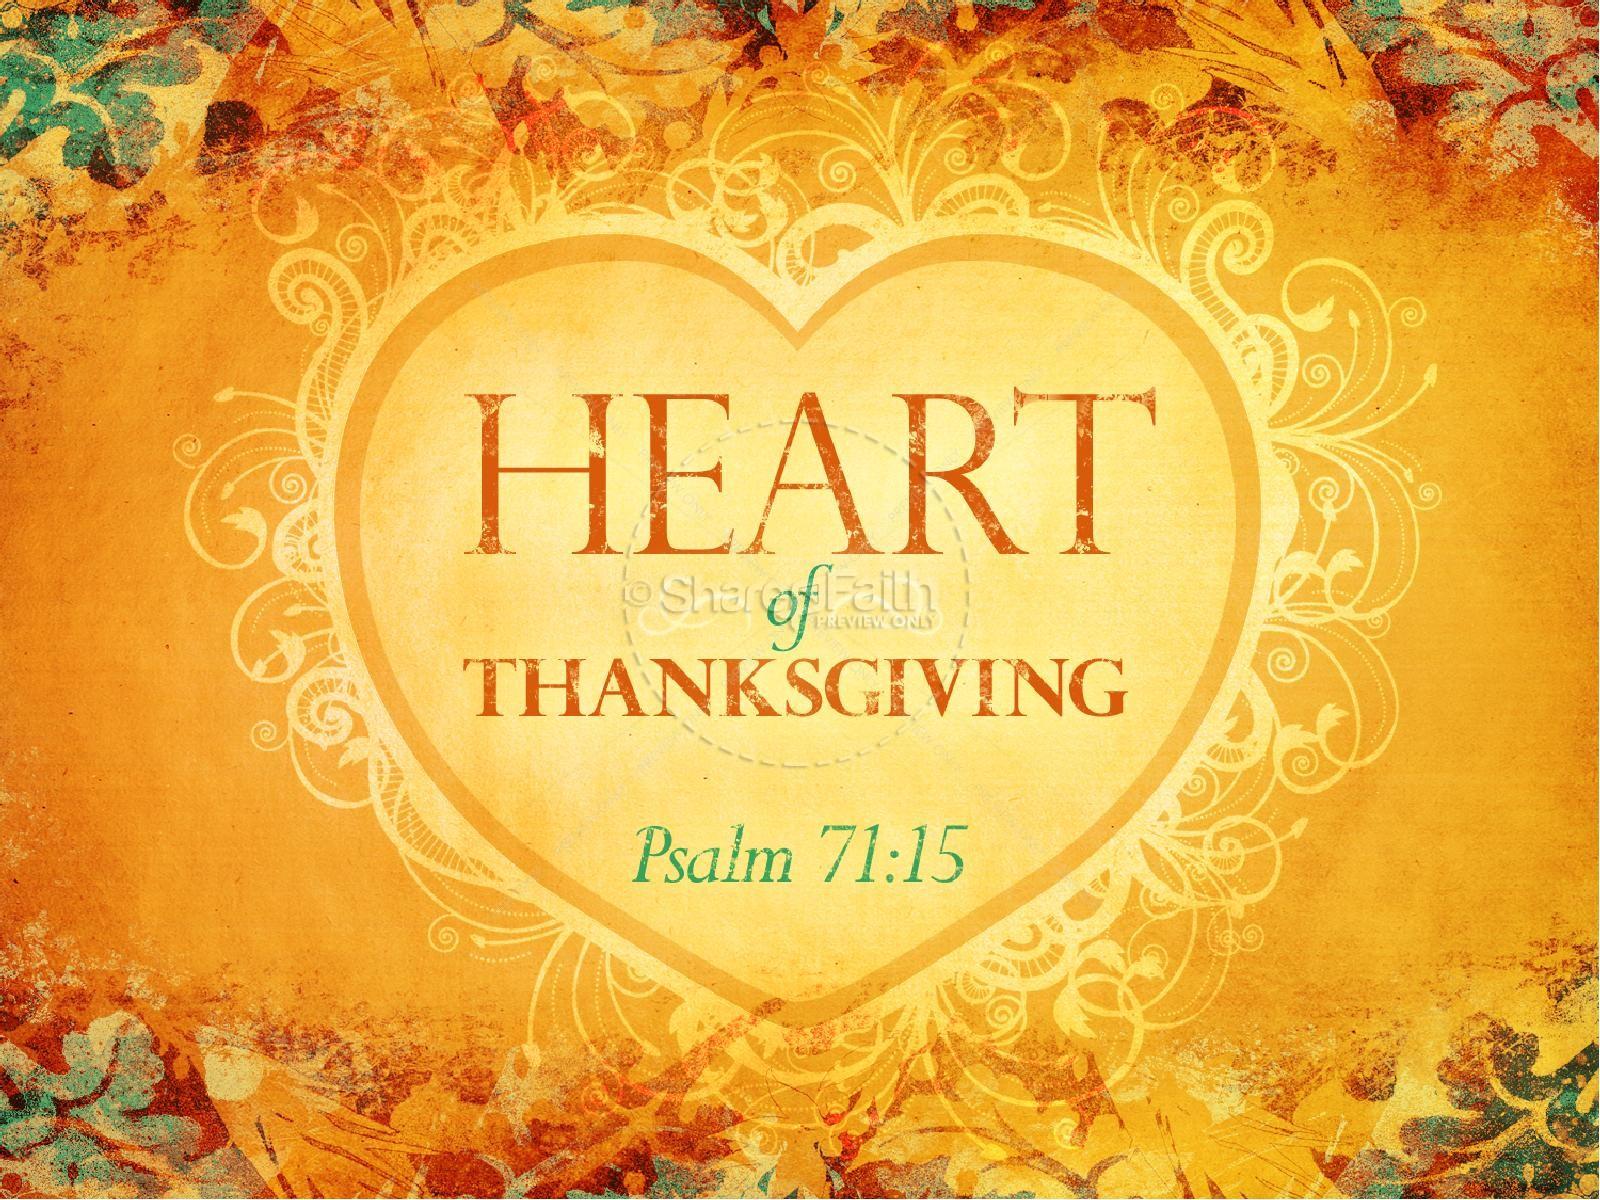 Fall Harvest Wallpaper 1024x768 Sharefaith Church Websites Church Graphics Sunday